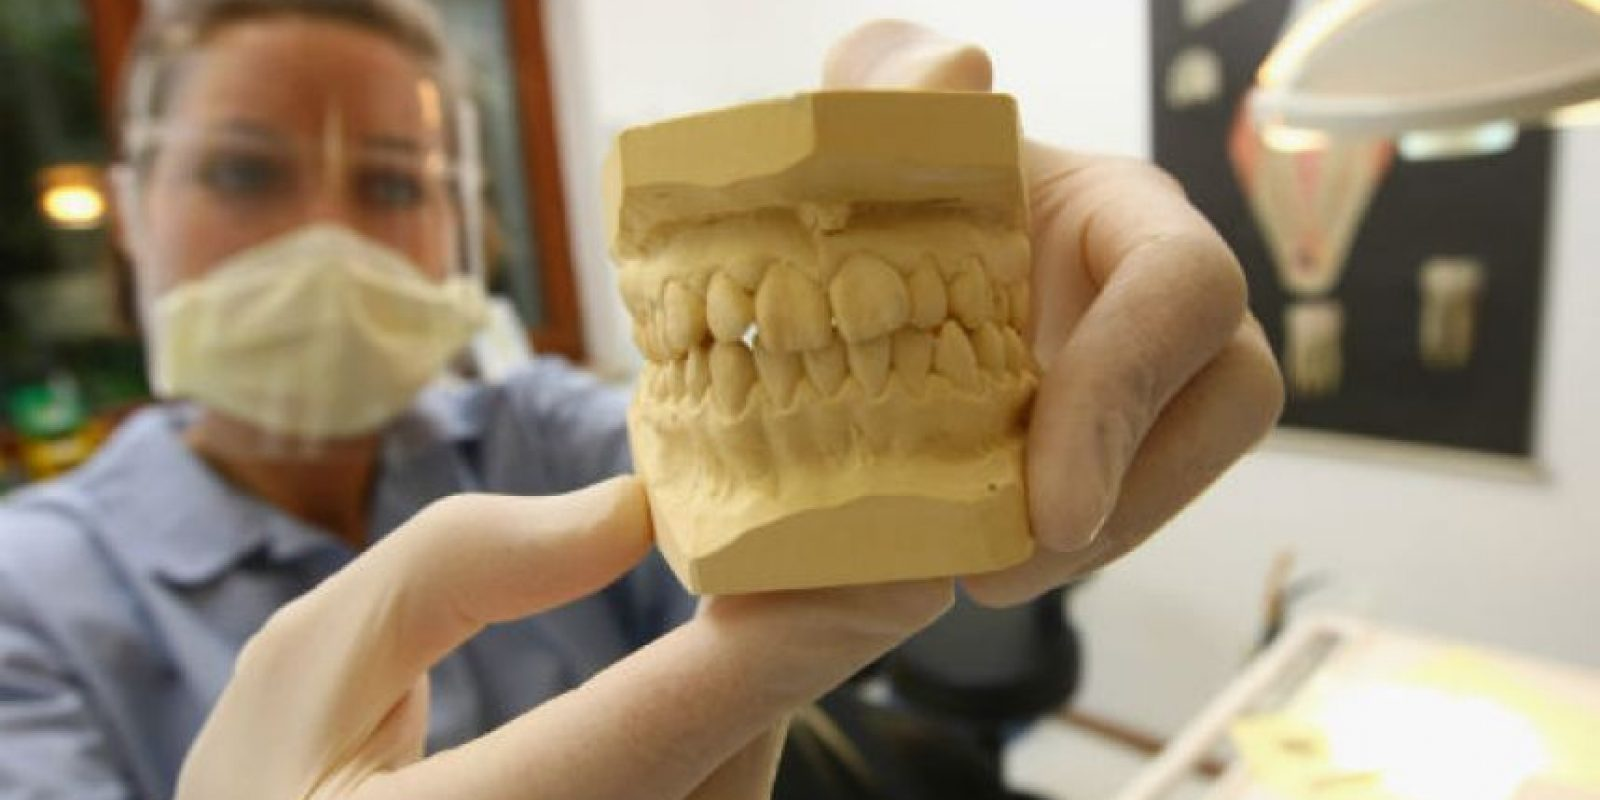 Normalmente un ser humano a la edad adulta posee en su boca un total de 32 dientes. Foto:Getty Images. Imagen Por: